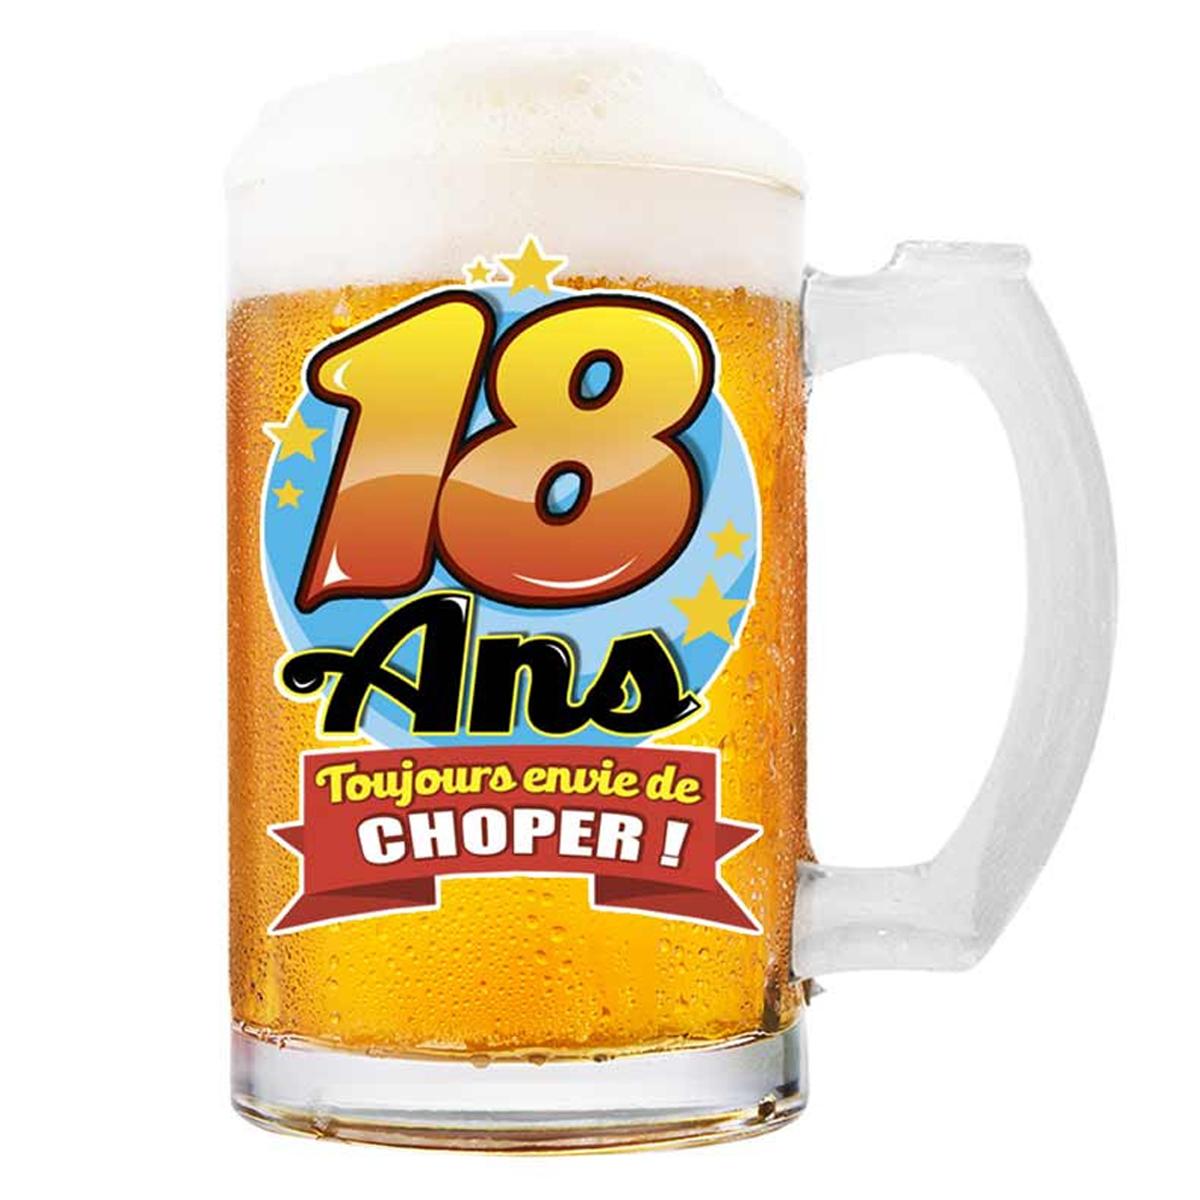 Chope à bière \'18 ans\' (Toujours envie de Choper !)  - 145x75 cm - [Q8389]